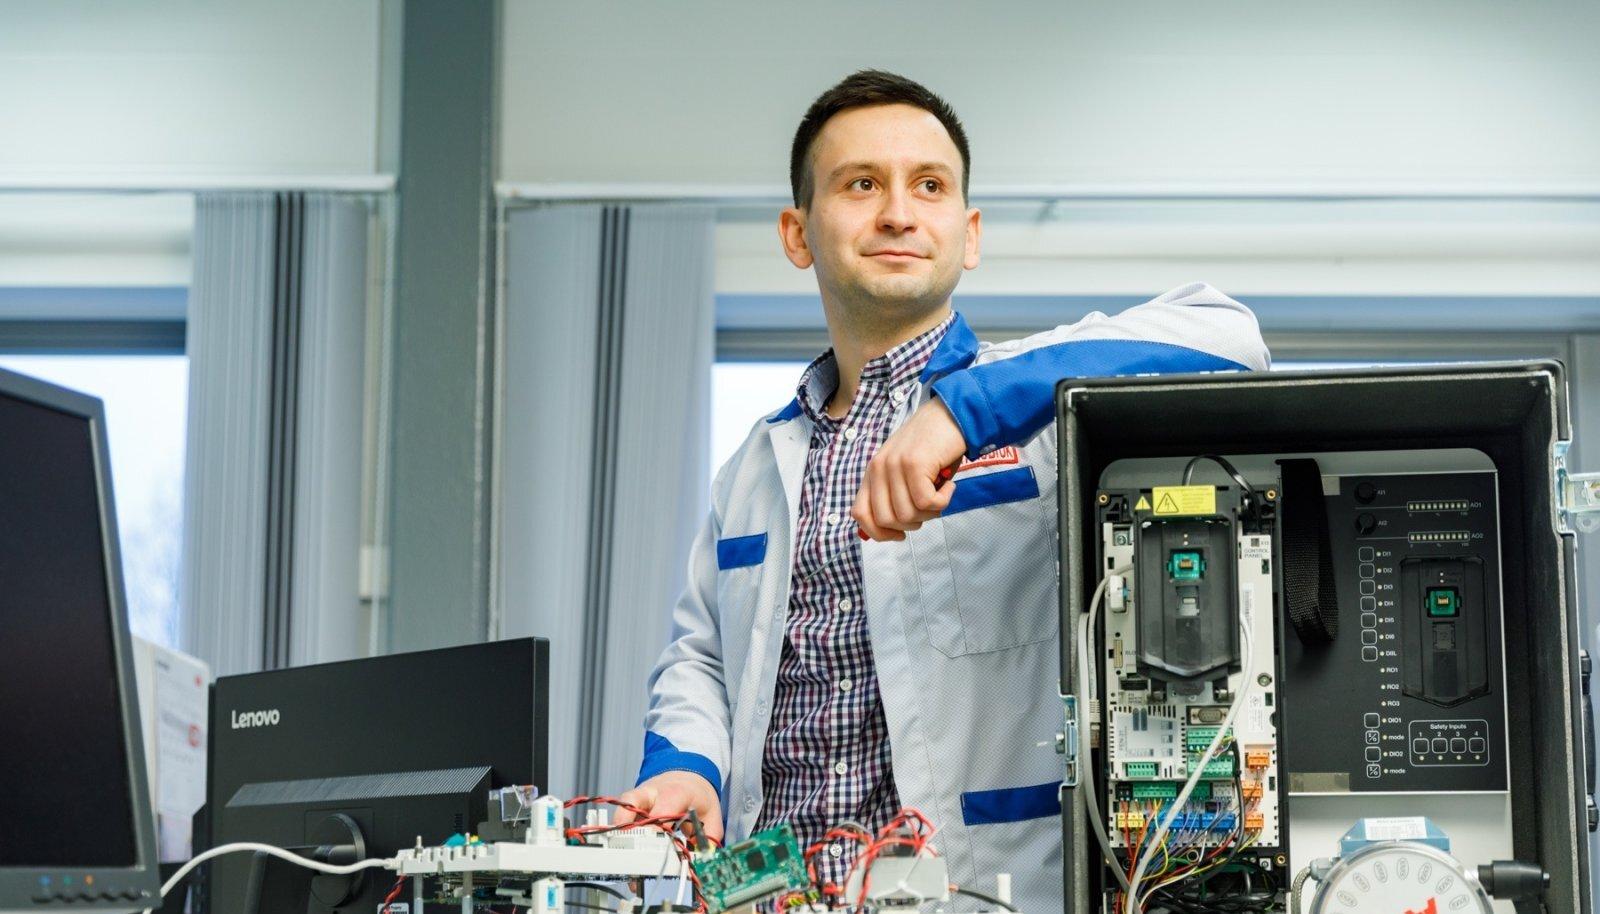 Ukrainast pärit Dmytro Yakobiuk jäi pärast TTÜ-s magistrantuuri lõpetamist tööle rahvusvahelise kontserni ABB Eesti ettevõttesse.